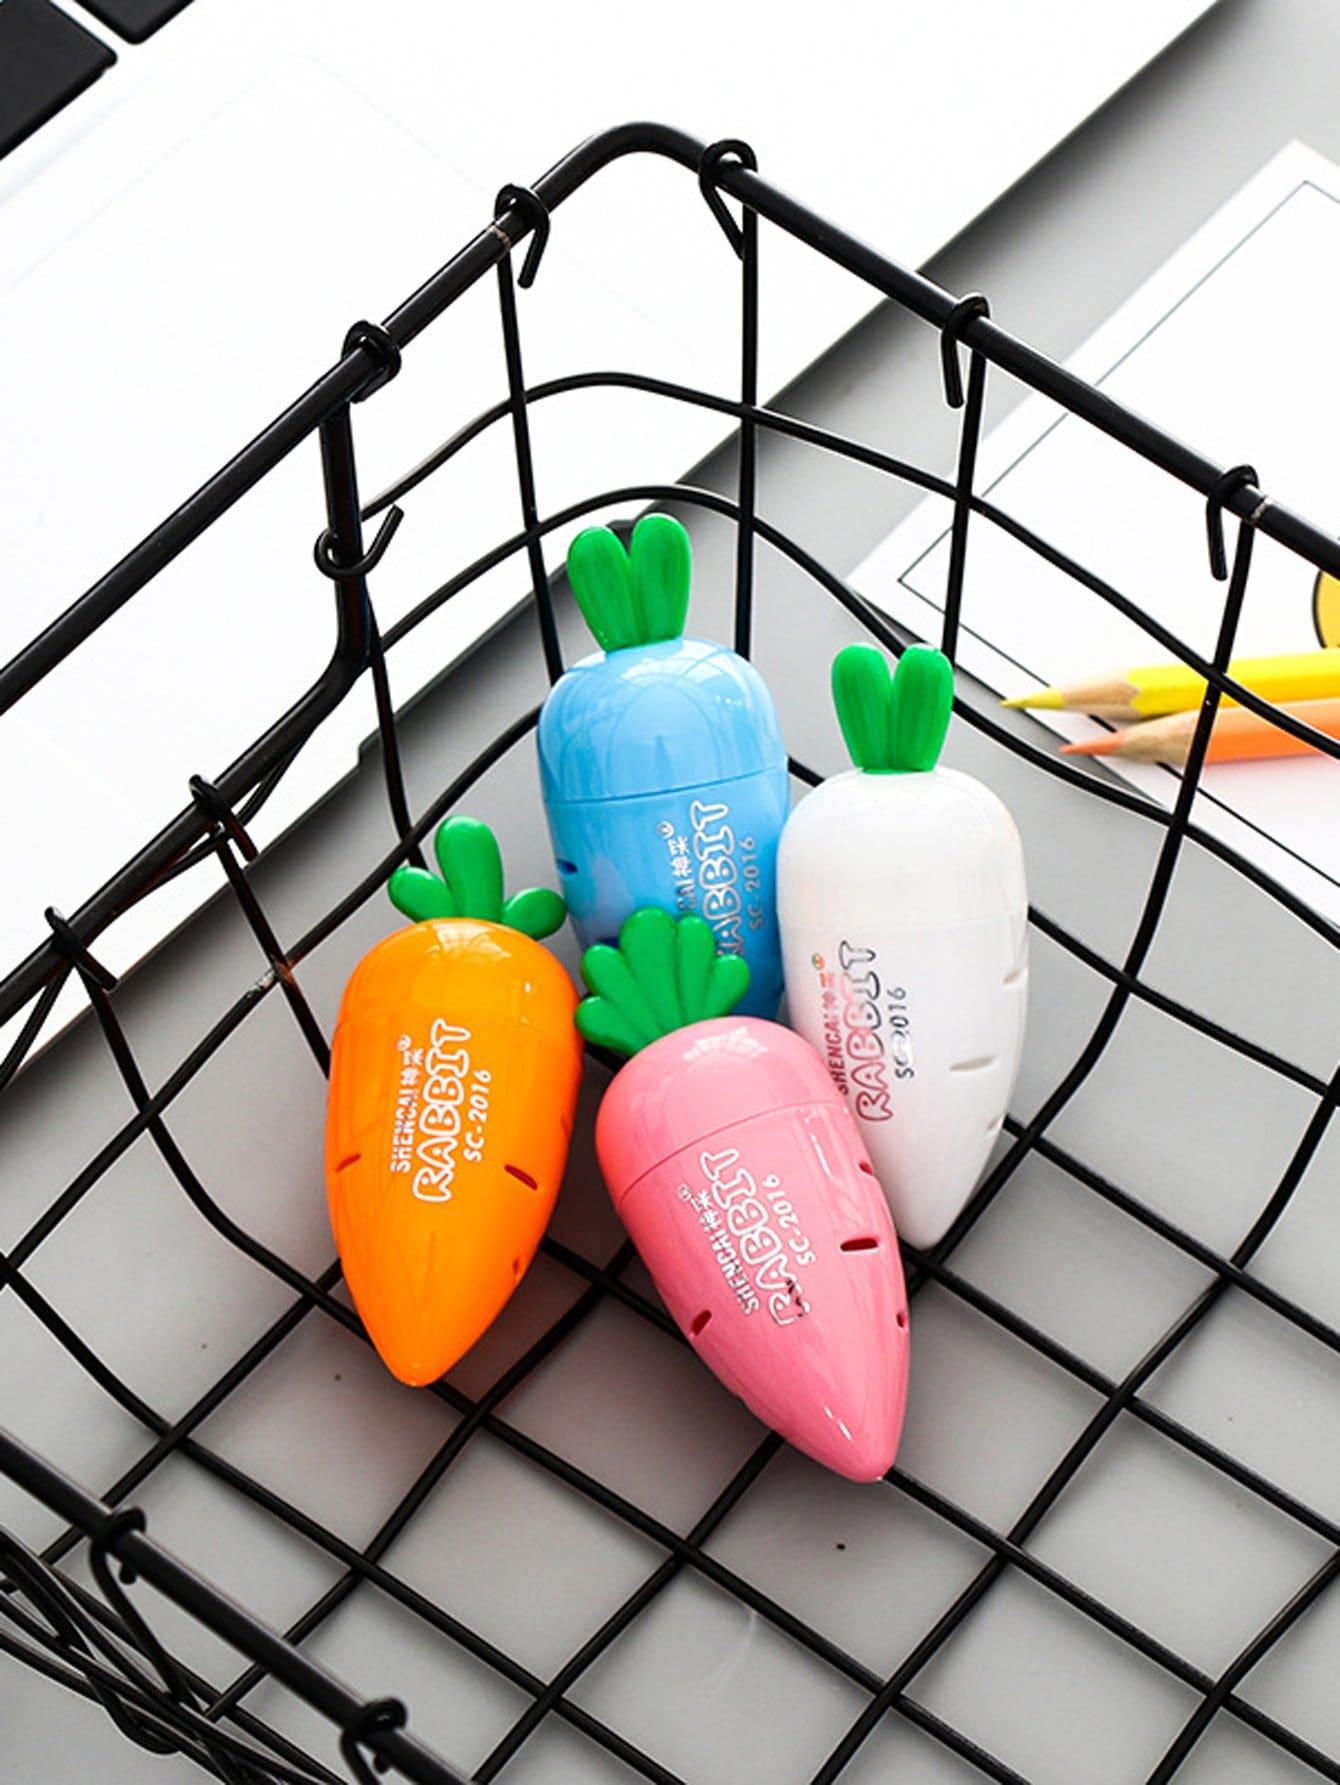 Random Color Pencil Sharpener 1pc random color eraser 1pc